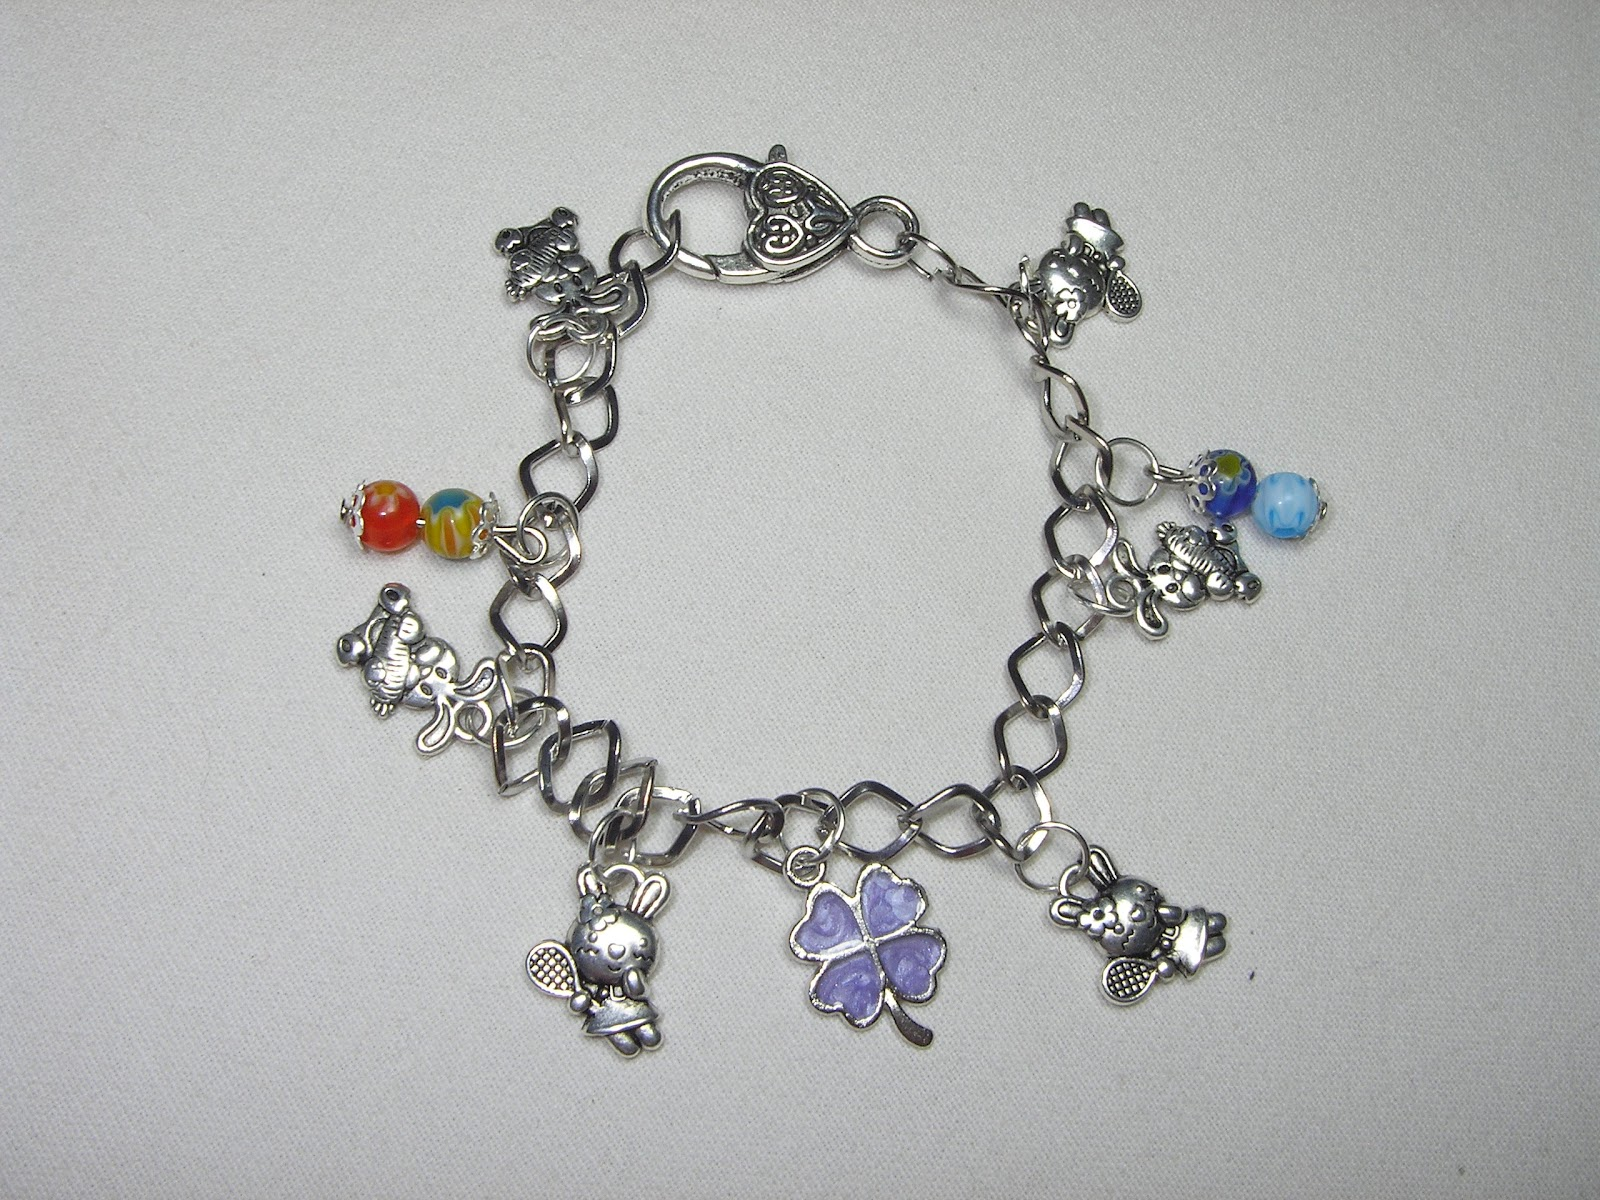 12 amuletos o cosas que atraen la buena suerte share the - Cosas que atraen buena suerte ...